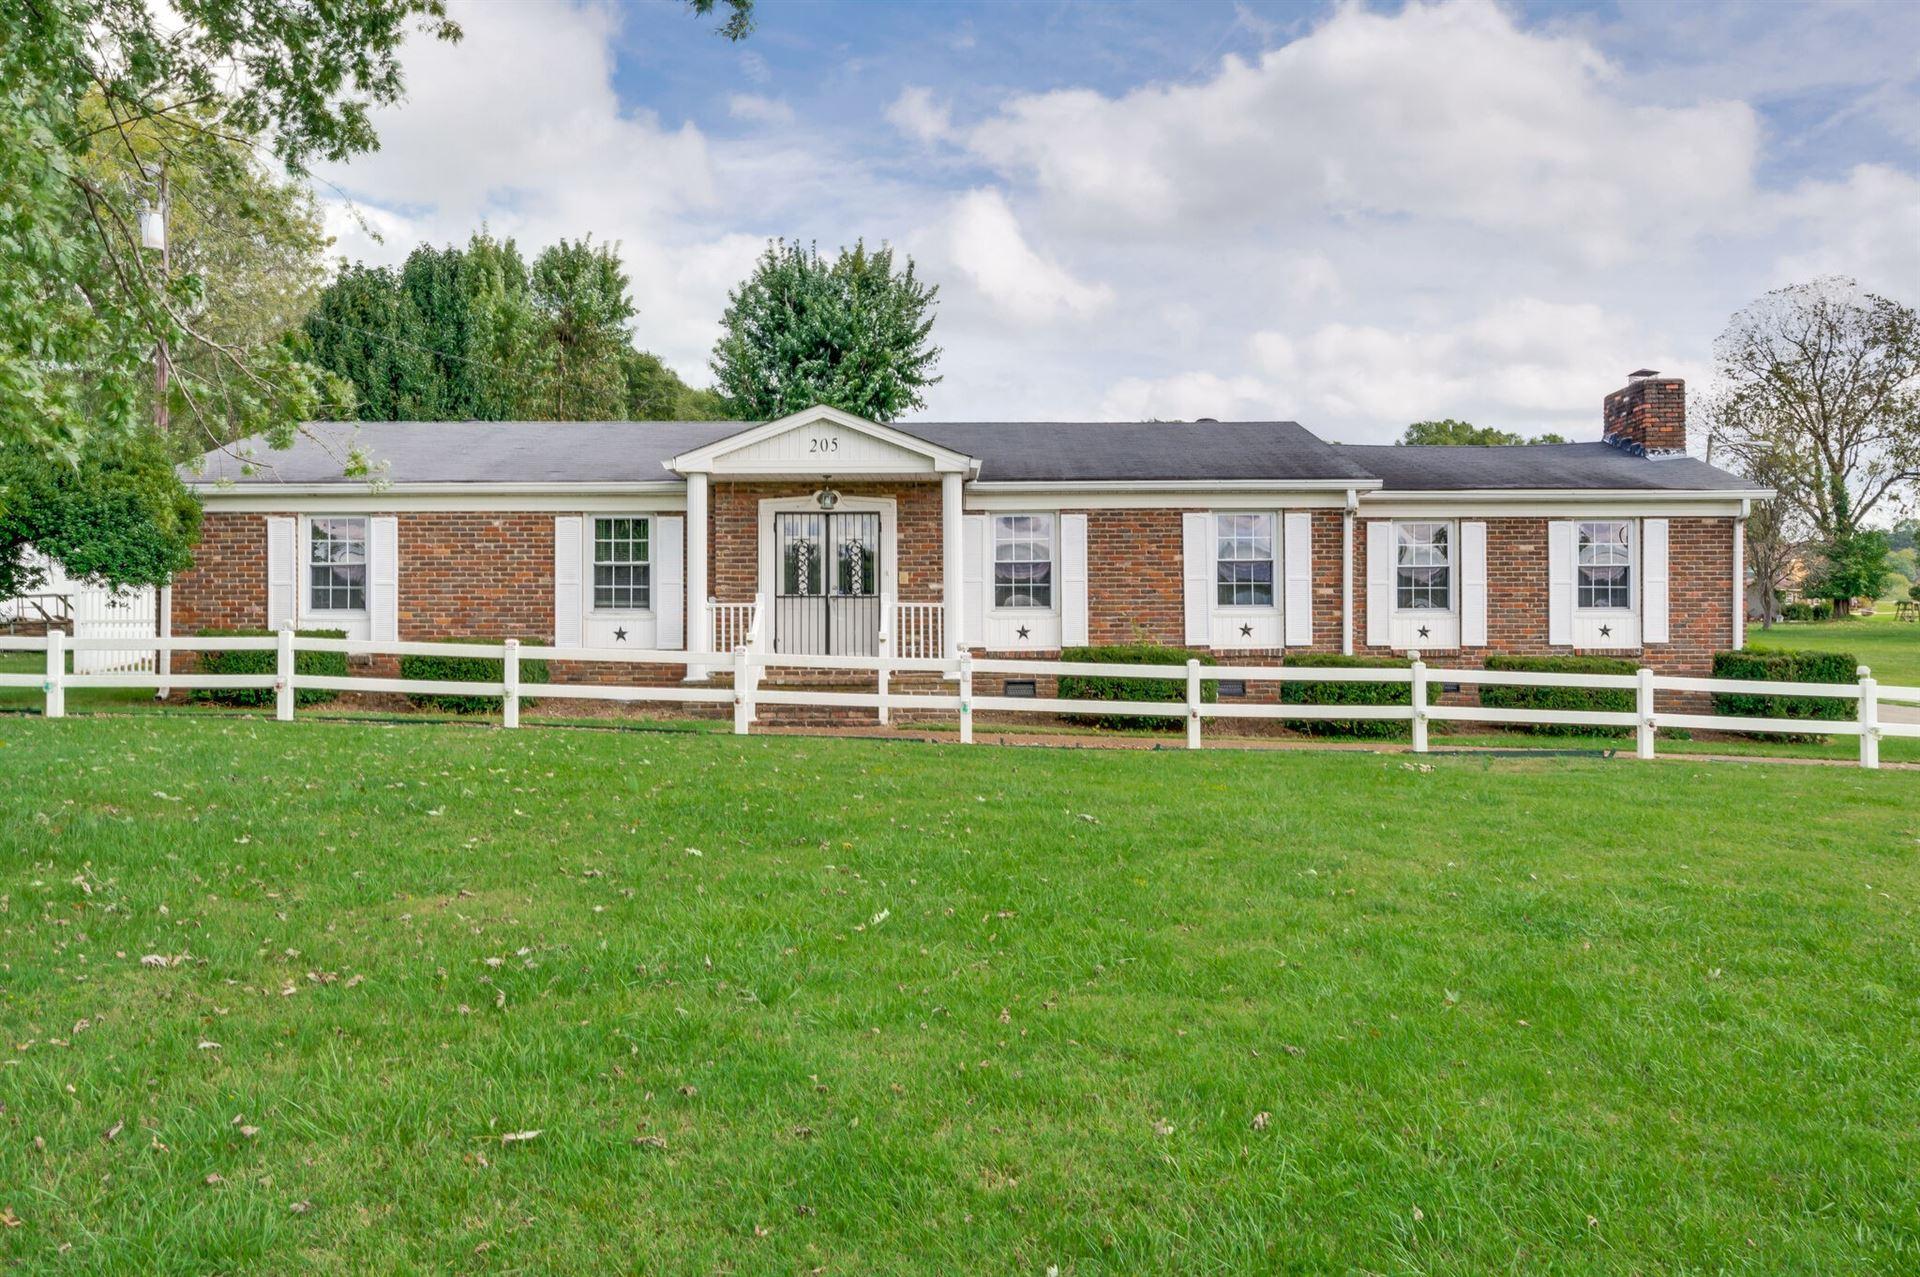 205 Loretta Dr, Goodlettsville, TN 37072 - MLS#: 2298566